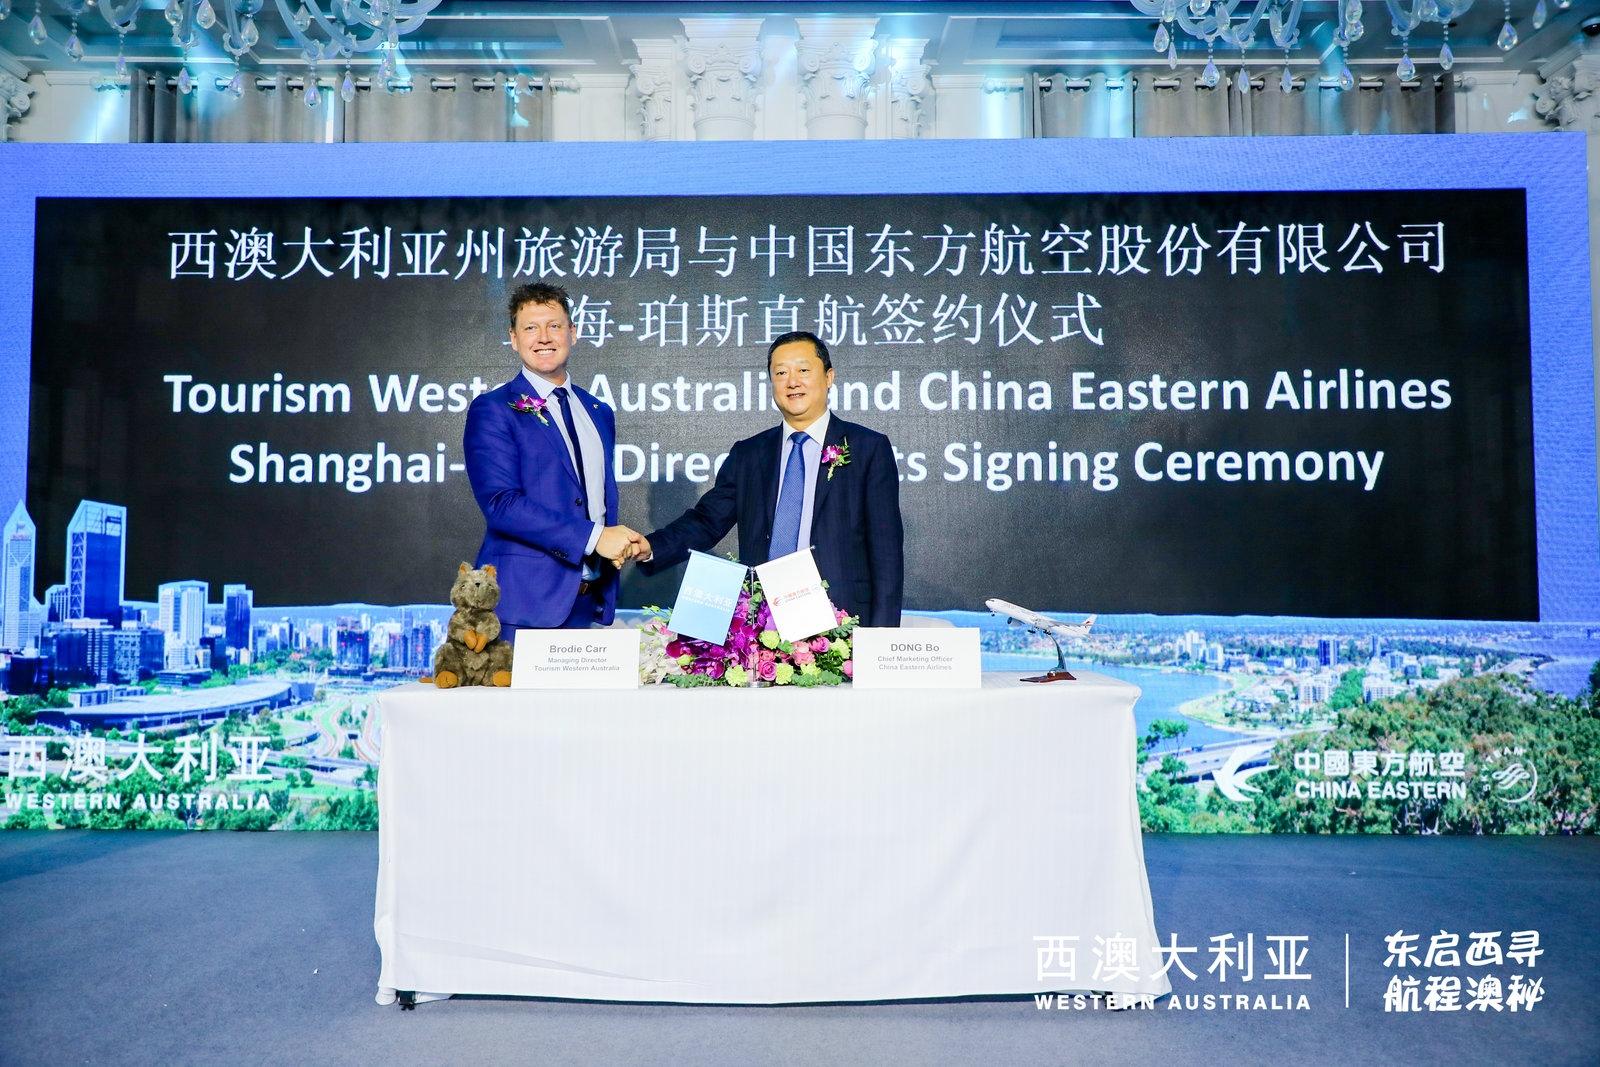 东航首开上海-珀斯直飞航线西澳将迎华东直航旅客